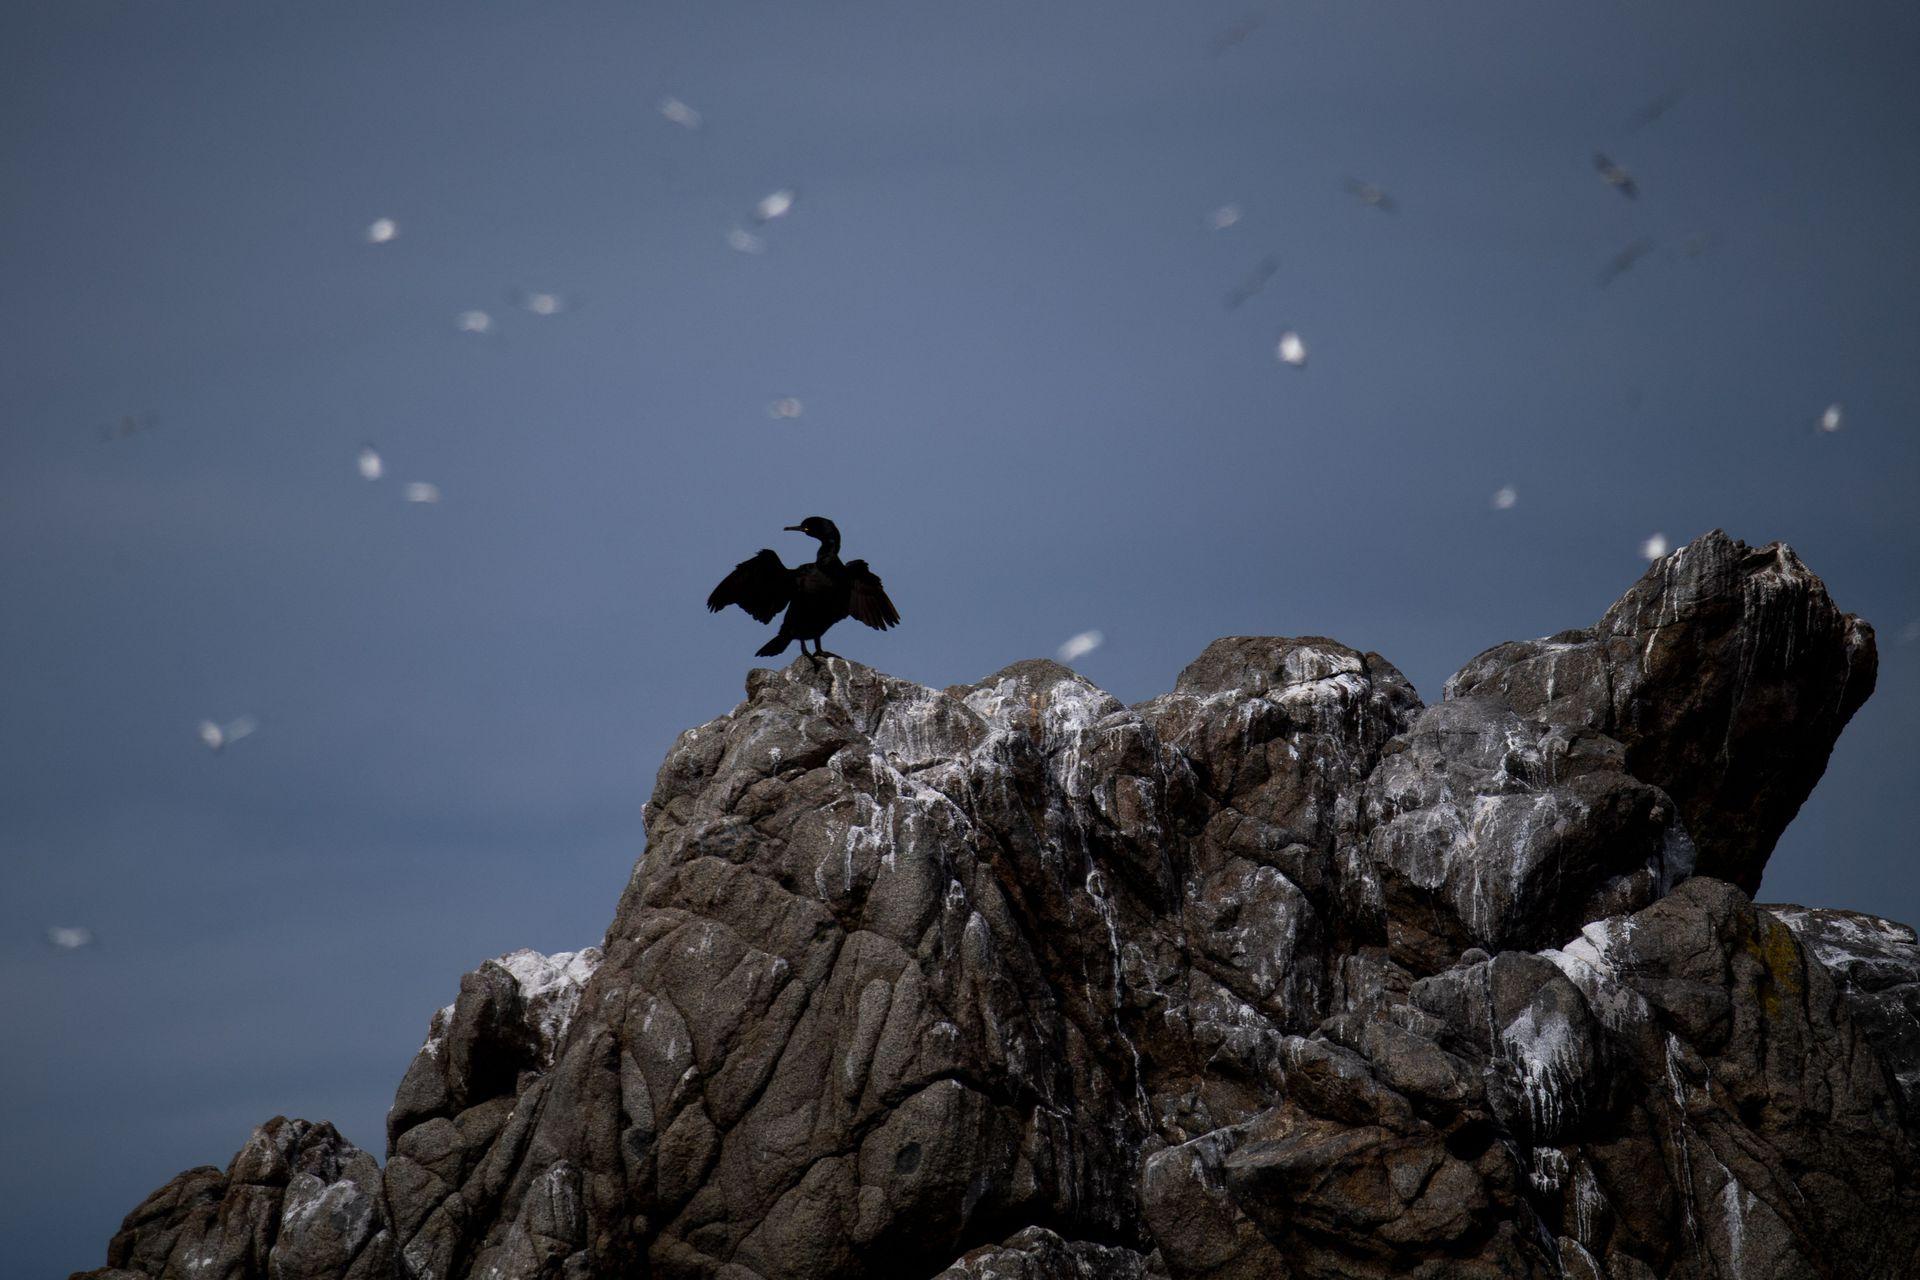 Araos, fulmares, gaviotas y pardelas manx se cuentan entre otras de las muchas especies que prosperan aquí. También hay una pequeña colonia de focas grises, aunque las aves las superan enormemente en número